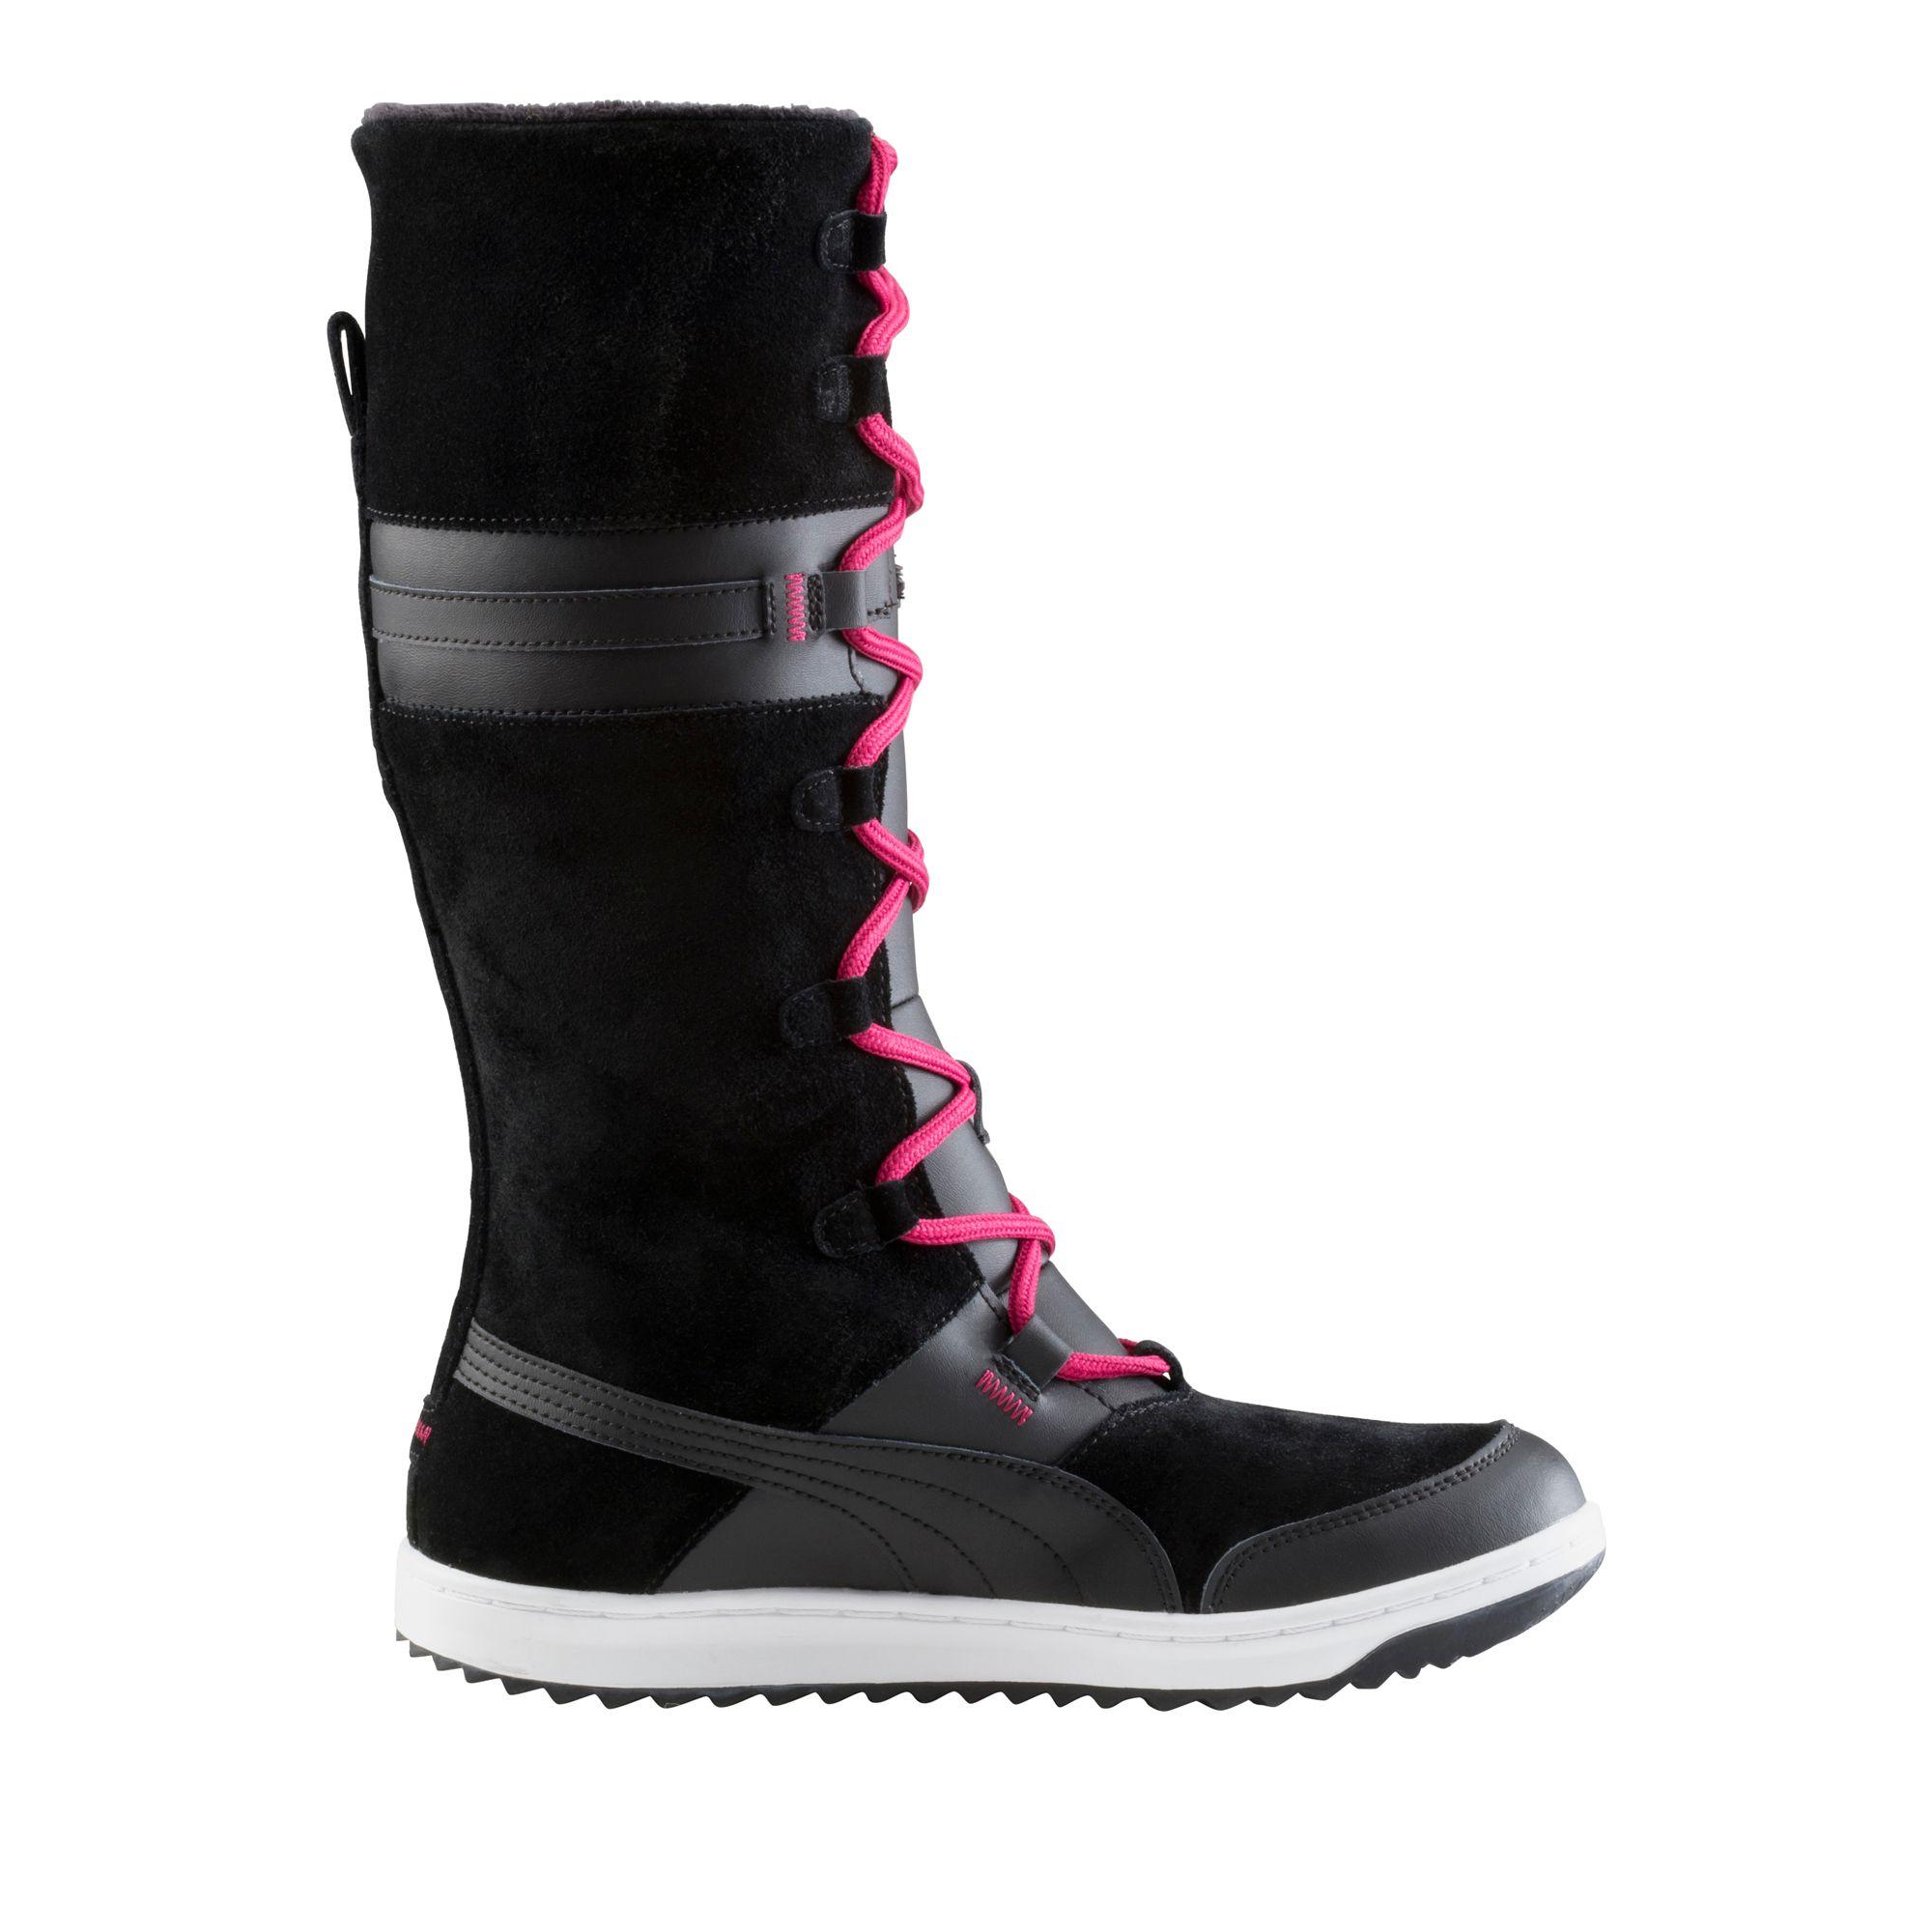 PUMA Waver Snow Boots Footwear Sneakers Modern Sport Women New  777ea2377